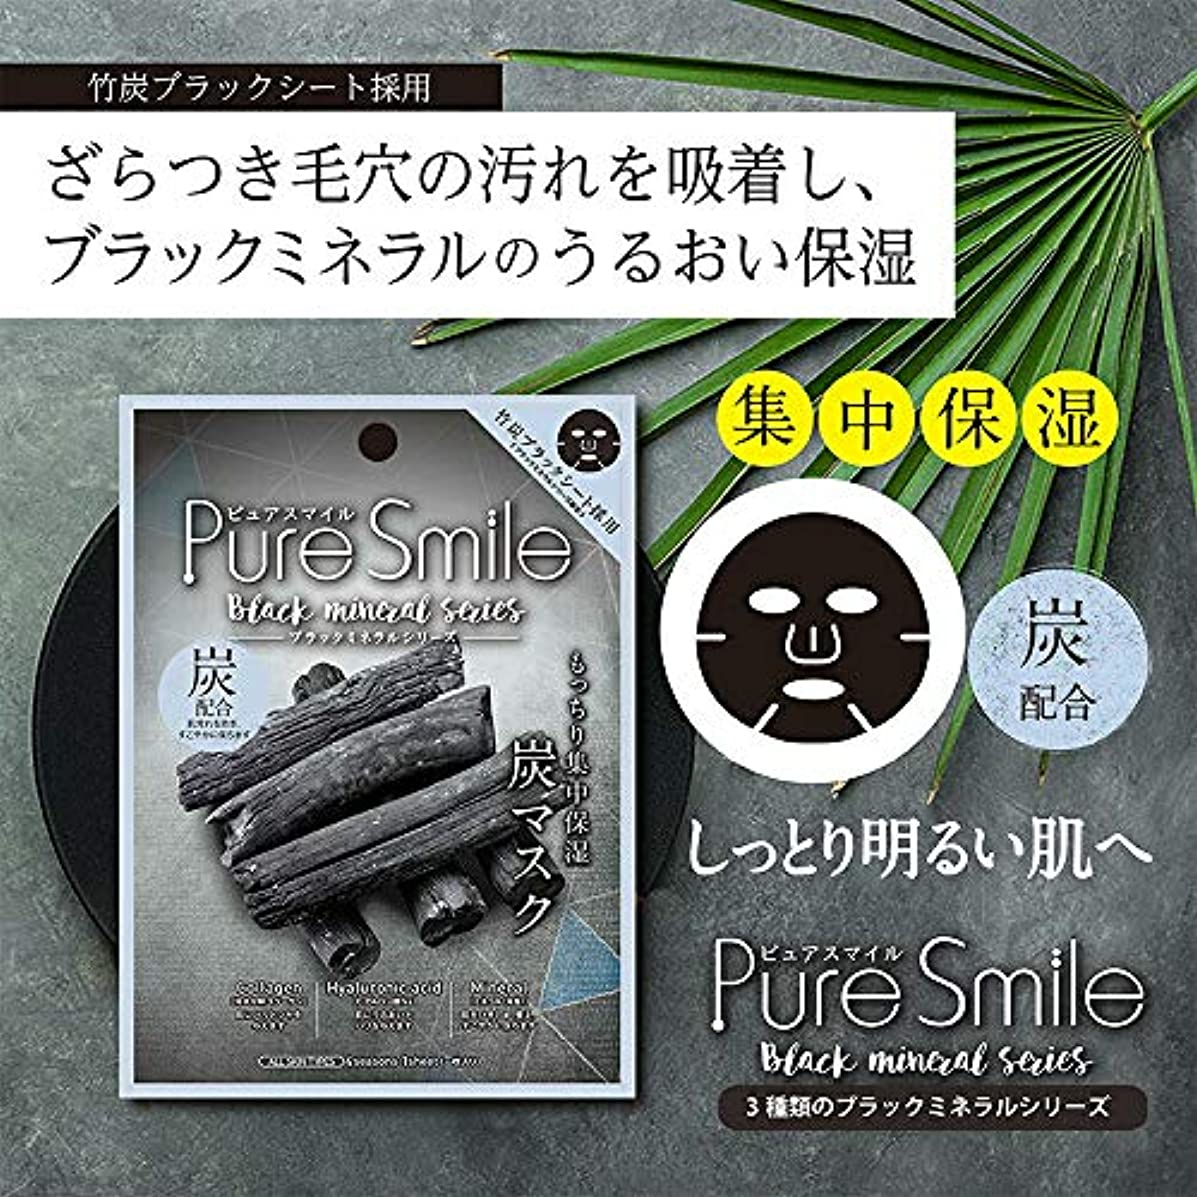 偽善者ジョグアルネPure Smile(ピュアスマイル) エッセンスマスク 『ブラックミネラルシリーズ』(炭) フェイスマスク パック